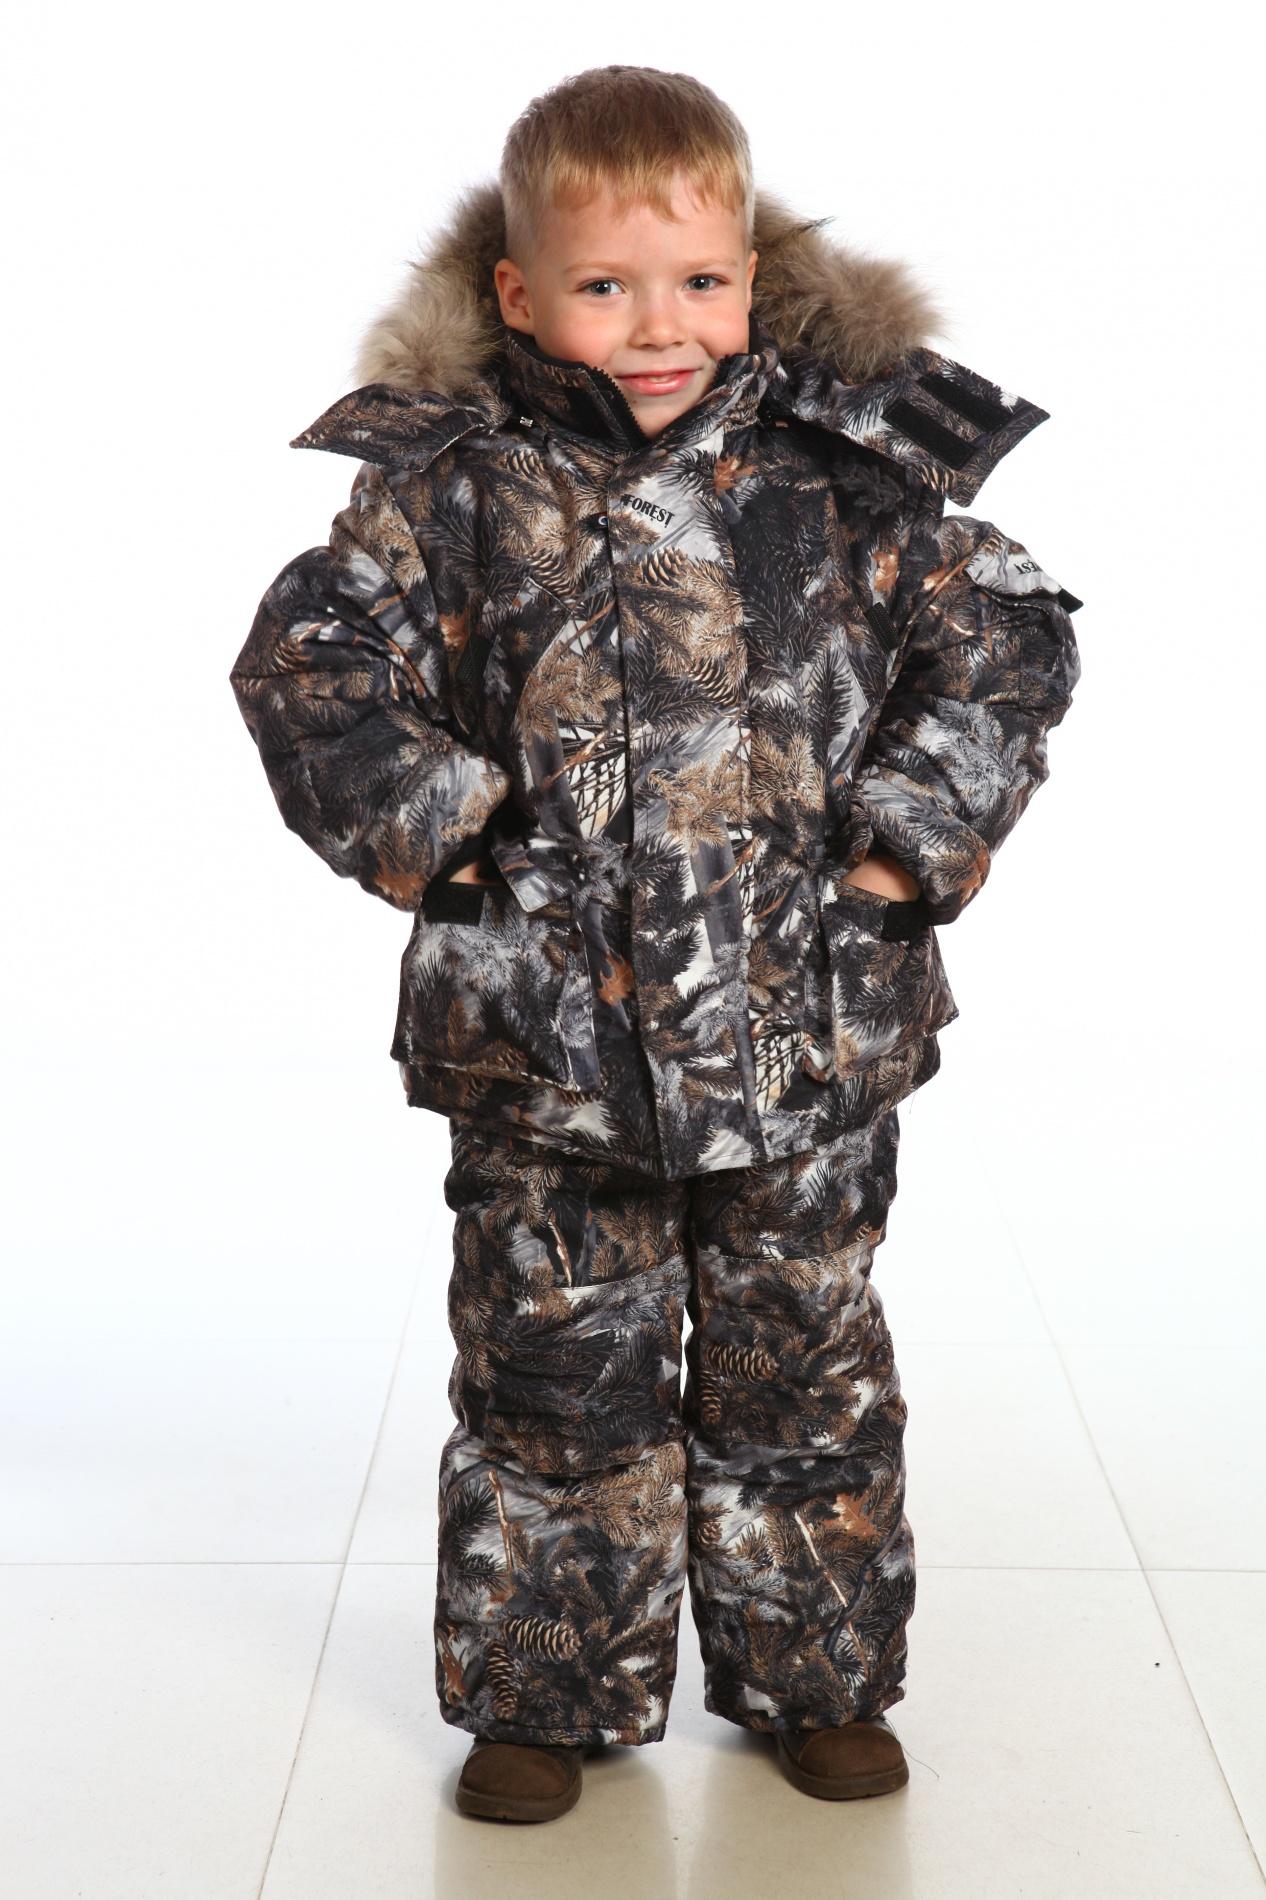 Костюм зимний детский Пингвин (152)Костюмы утепленные<br>Костюм зимний куртка+полукомбинезон - центральная <br>застежка на фронтальную молнию, закрытую <br>ветрозащитной планкой на кнопках; - капюшон <br>пристегивается на молнию, с регулировкой <br>лицевой части по высоте резиновым шнуром; <br>- съемная меховая опушка из натурального <br>меха на кнопках; - регулировка низа куртки <br>резиновым шнуром; - по низу рукавов внутренние <br>манжеты из трикотажного полотна; - центральная <br>застежка полукомбинезона на фронтальную <br>молнию; - наколенники; - усилительные накладки <br>на задних половинках полукомбинезона; - <br>бретели с эластичными вставками и фастексами; <br>- ветрозащитные юбки по низу полукомбинезона; <br>- количество карманов - 8. Ткань верха: Микрофибра <br>Утеплитель: куртка — синтепон 400 гр/м2, п/к <br>– 200 гр/м2 Подкладка: Таффета Отделка: натуральных <br>мех Водонепроницаемость: 1000 мм Паропроницаемость: <br>1000 г/м2/24 часа Температурный режим: от -10 <br>до -25°С<br><br>Рост: 152<br>Сезон: зима<br>Цвет: камуфляжный<br>Материал: Микрофибра